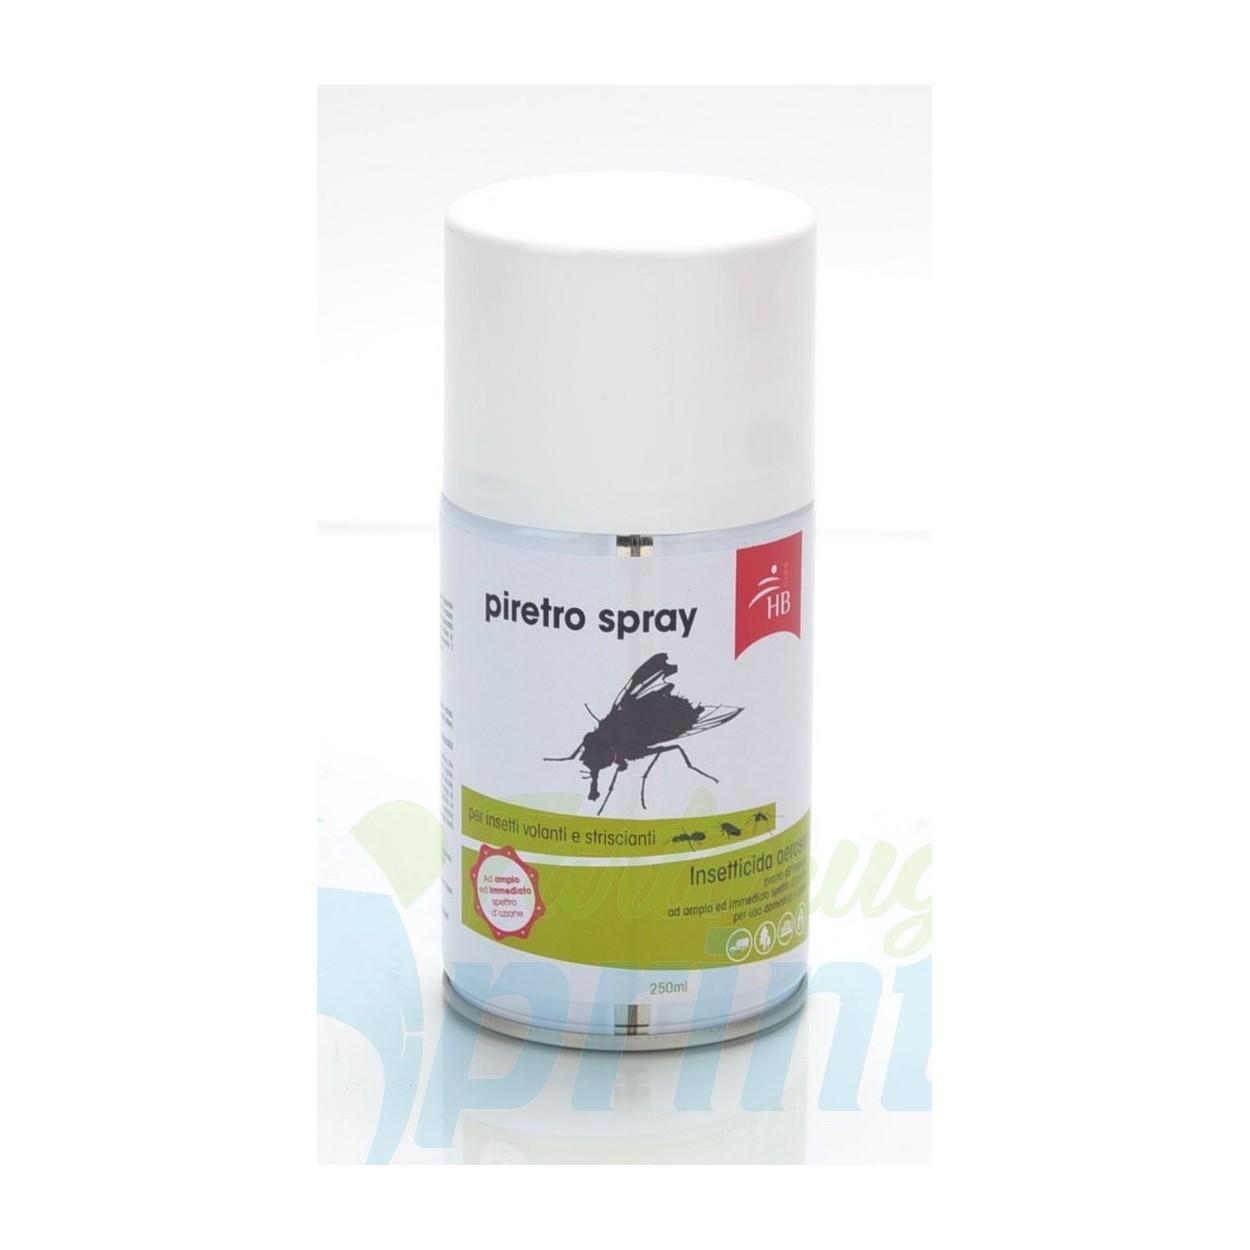 PIRETRO SPRAY 250 ML - Repellente per insetti volanti. Utilizzo sia manuale che in erogatore automatico